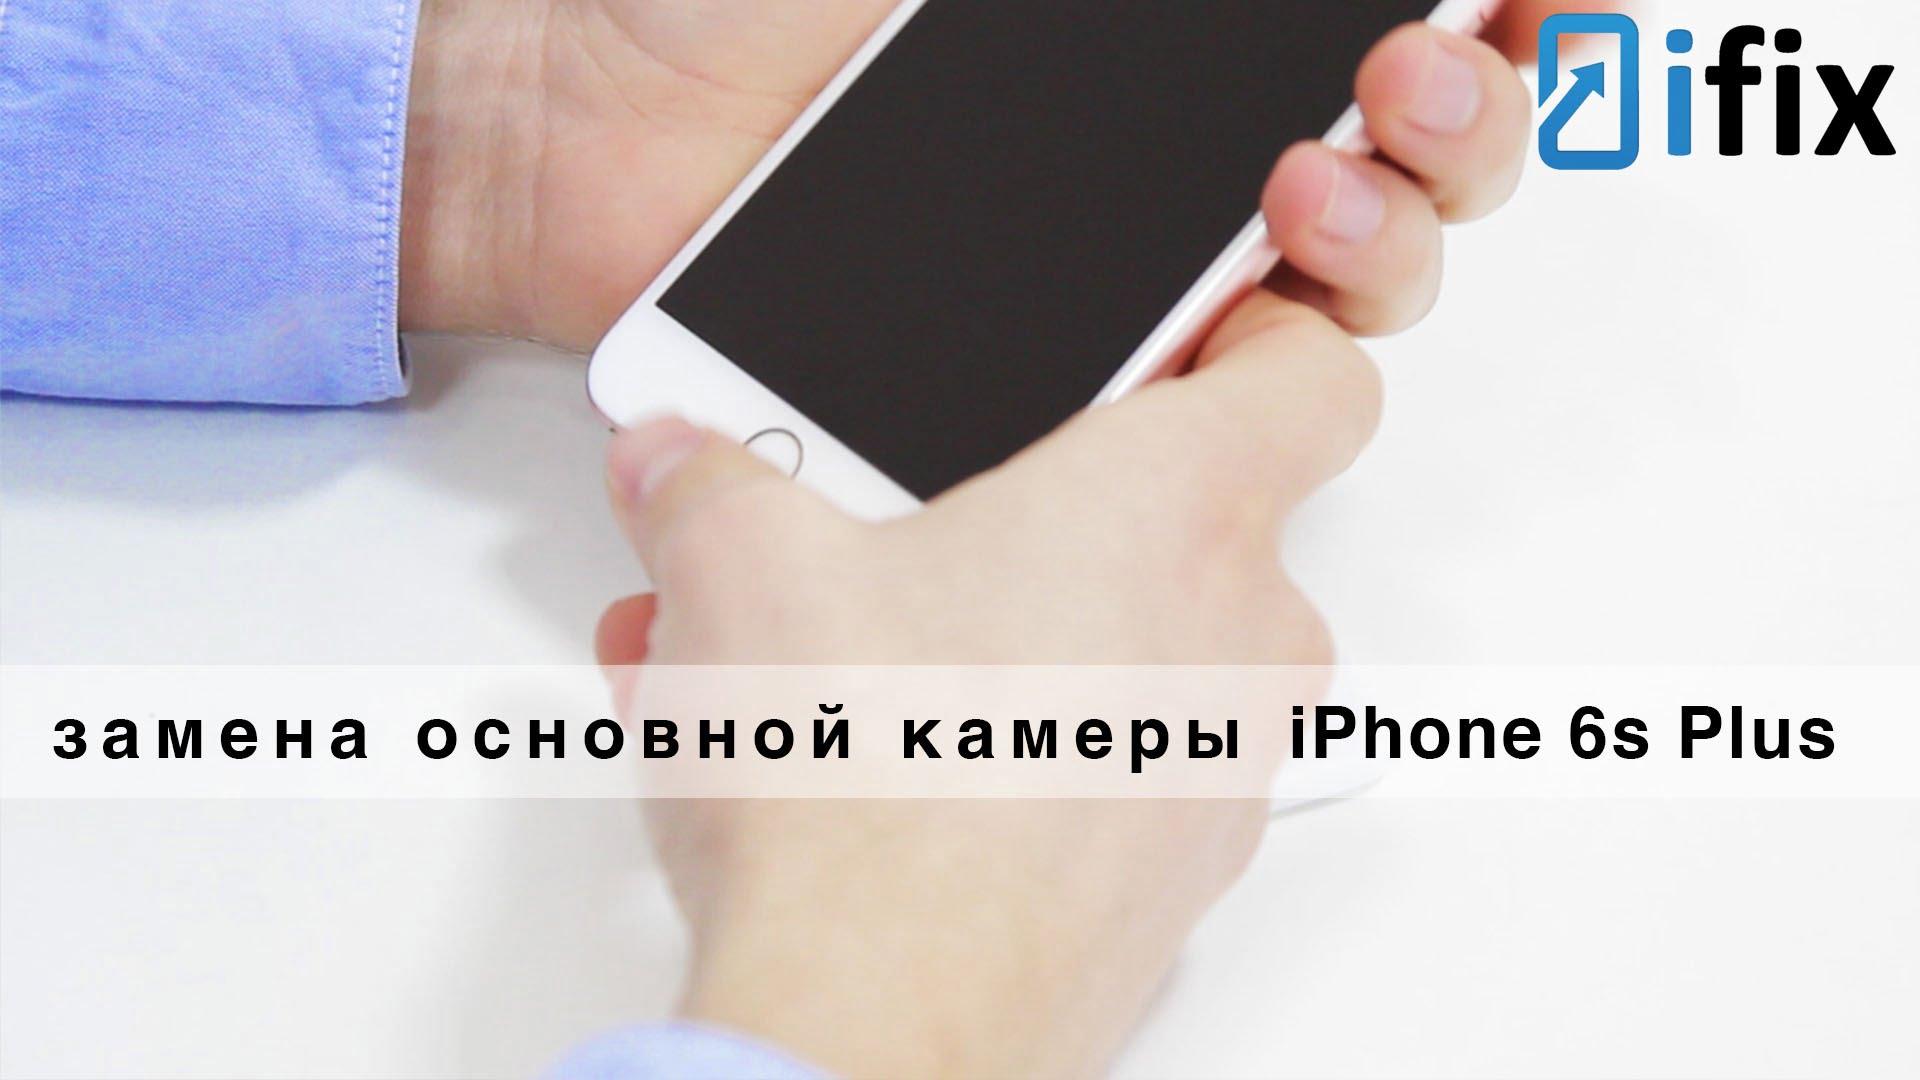 Замена основной камеры iPhone 6s Plus   Как самому поменять   Видео